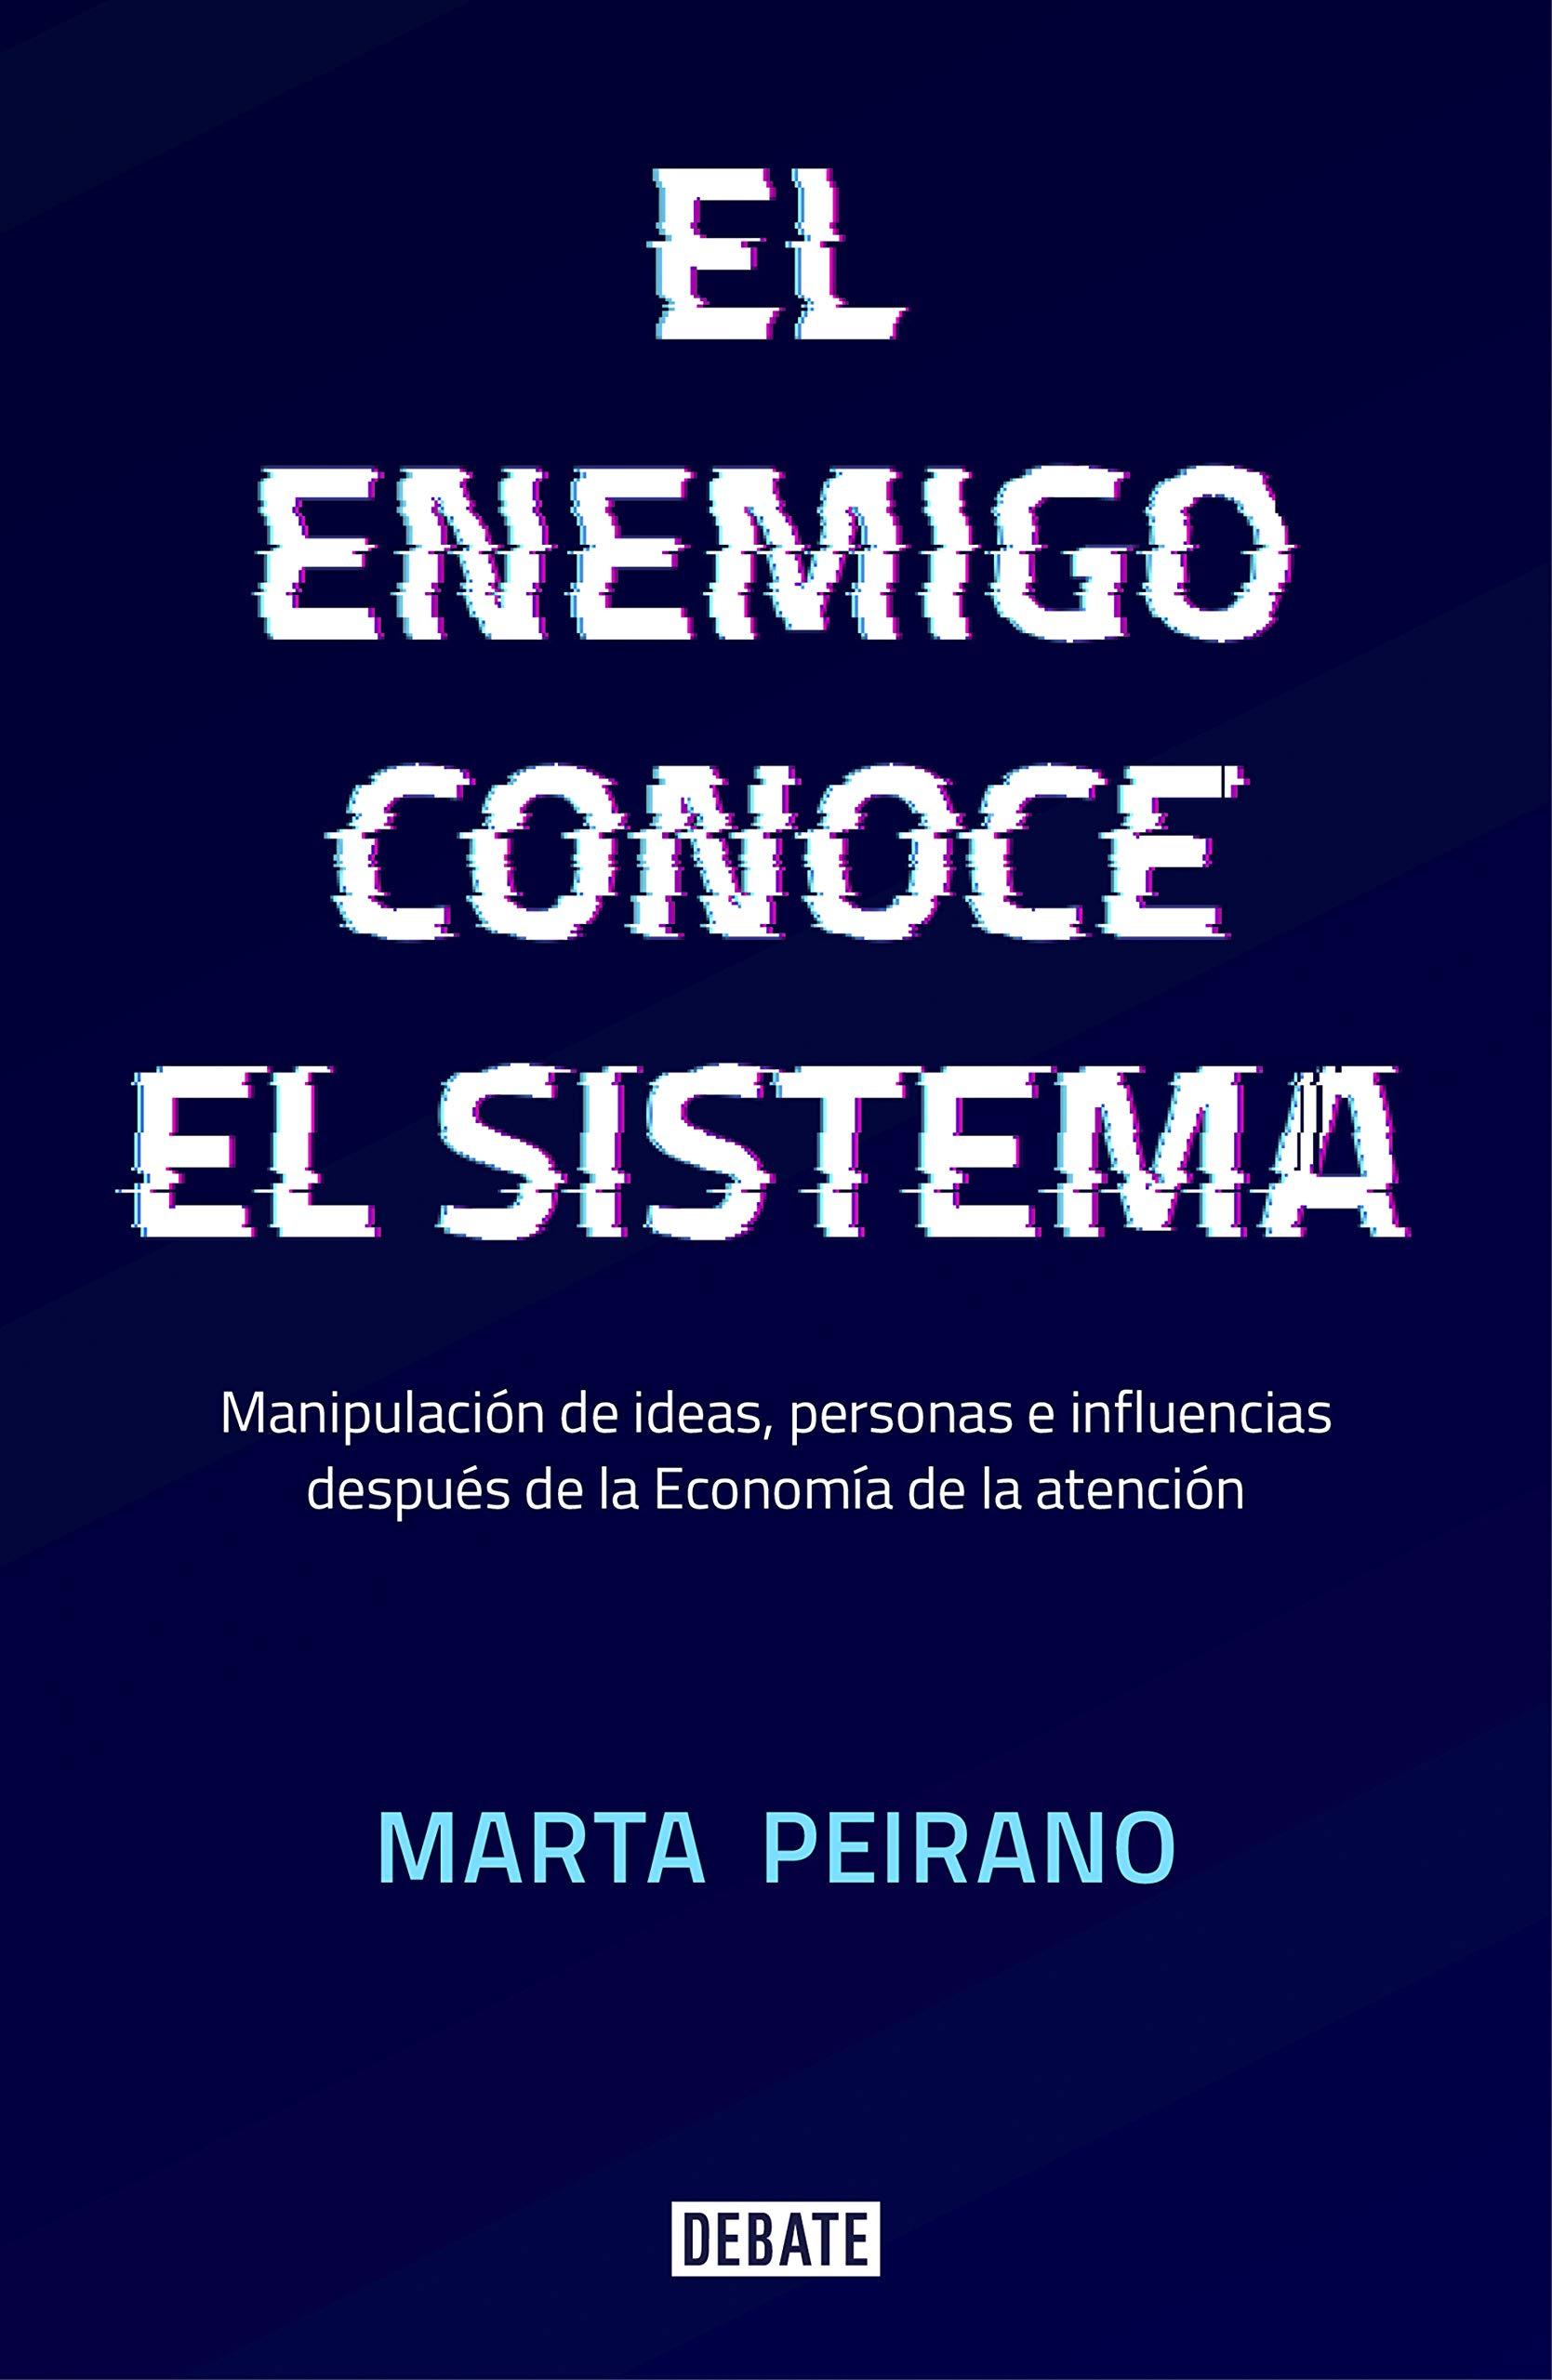 El enemigo conoce el sistema: Manipulación de ideas, personas e influencias después de la economía de la atención por Marta Peirano